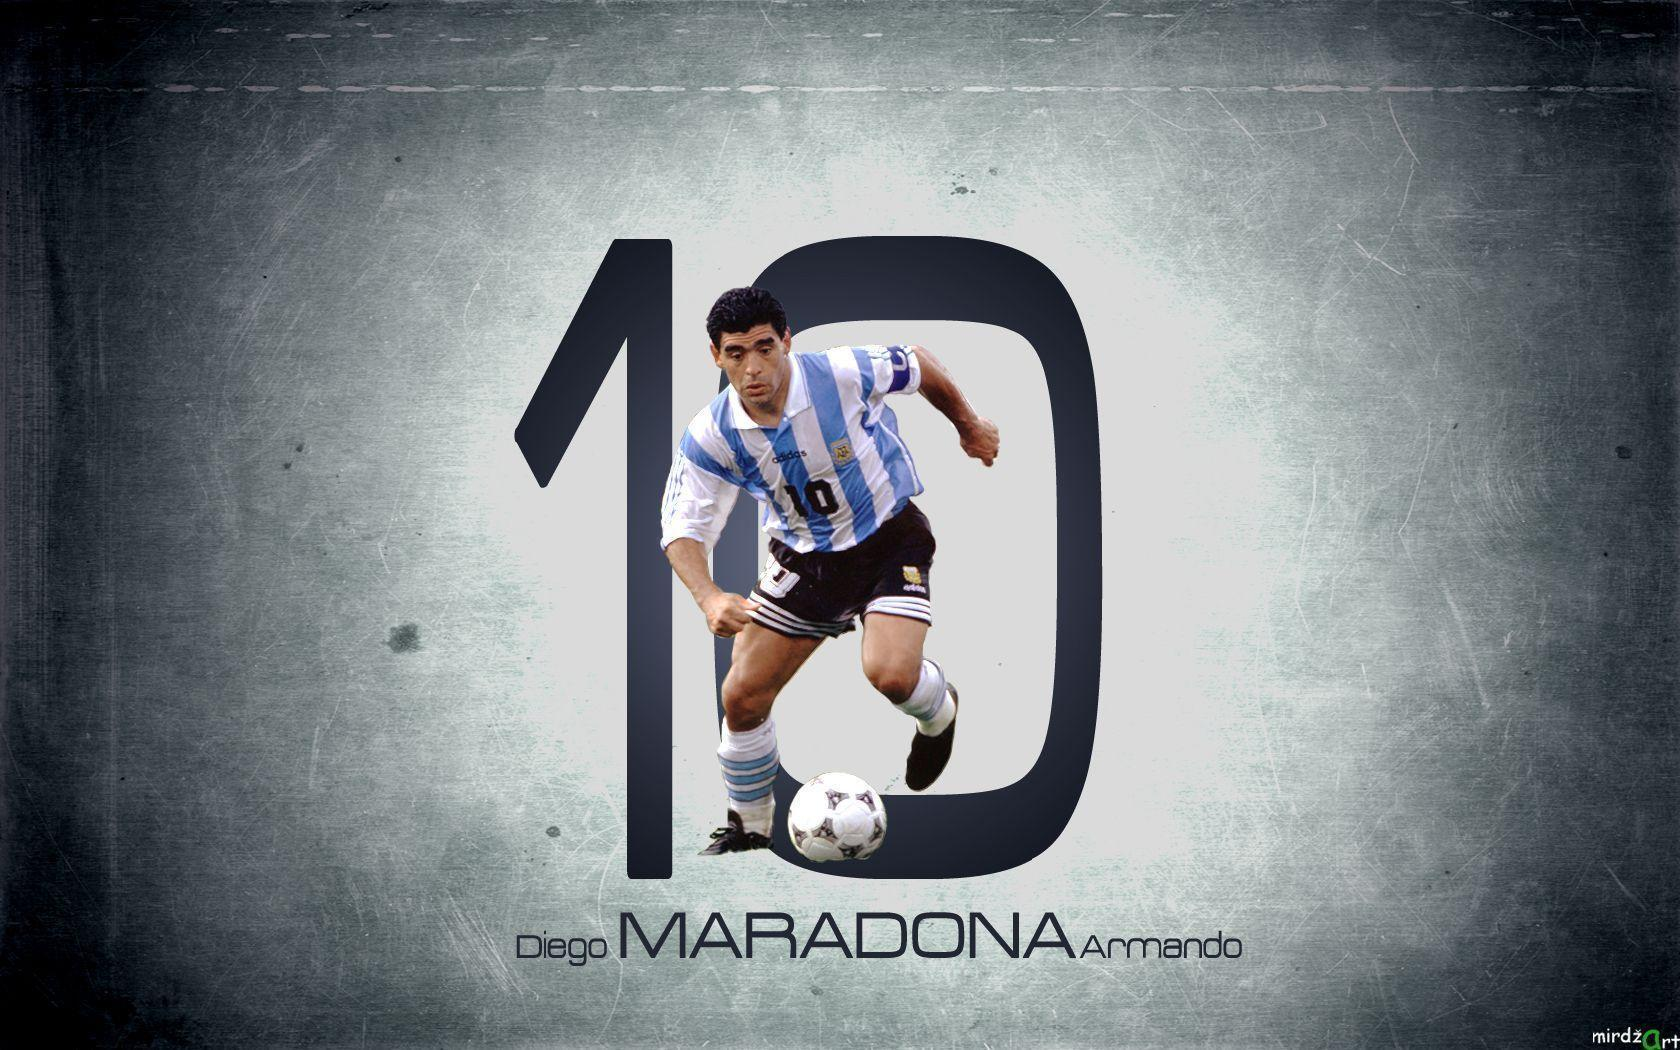 Gallery Celebrity Directory: Diego Armando Maradona - Wallpaper ...